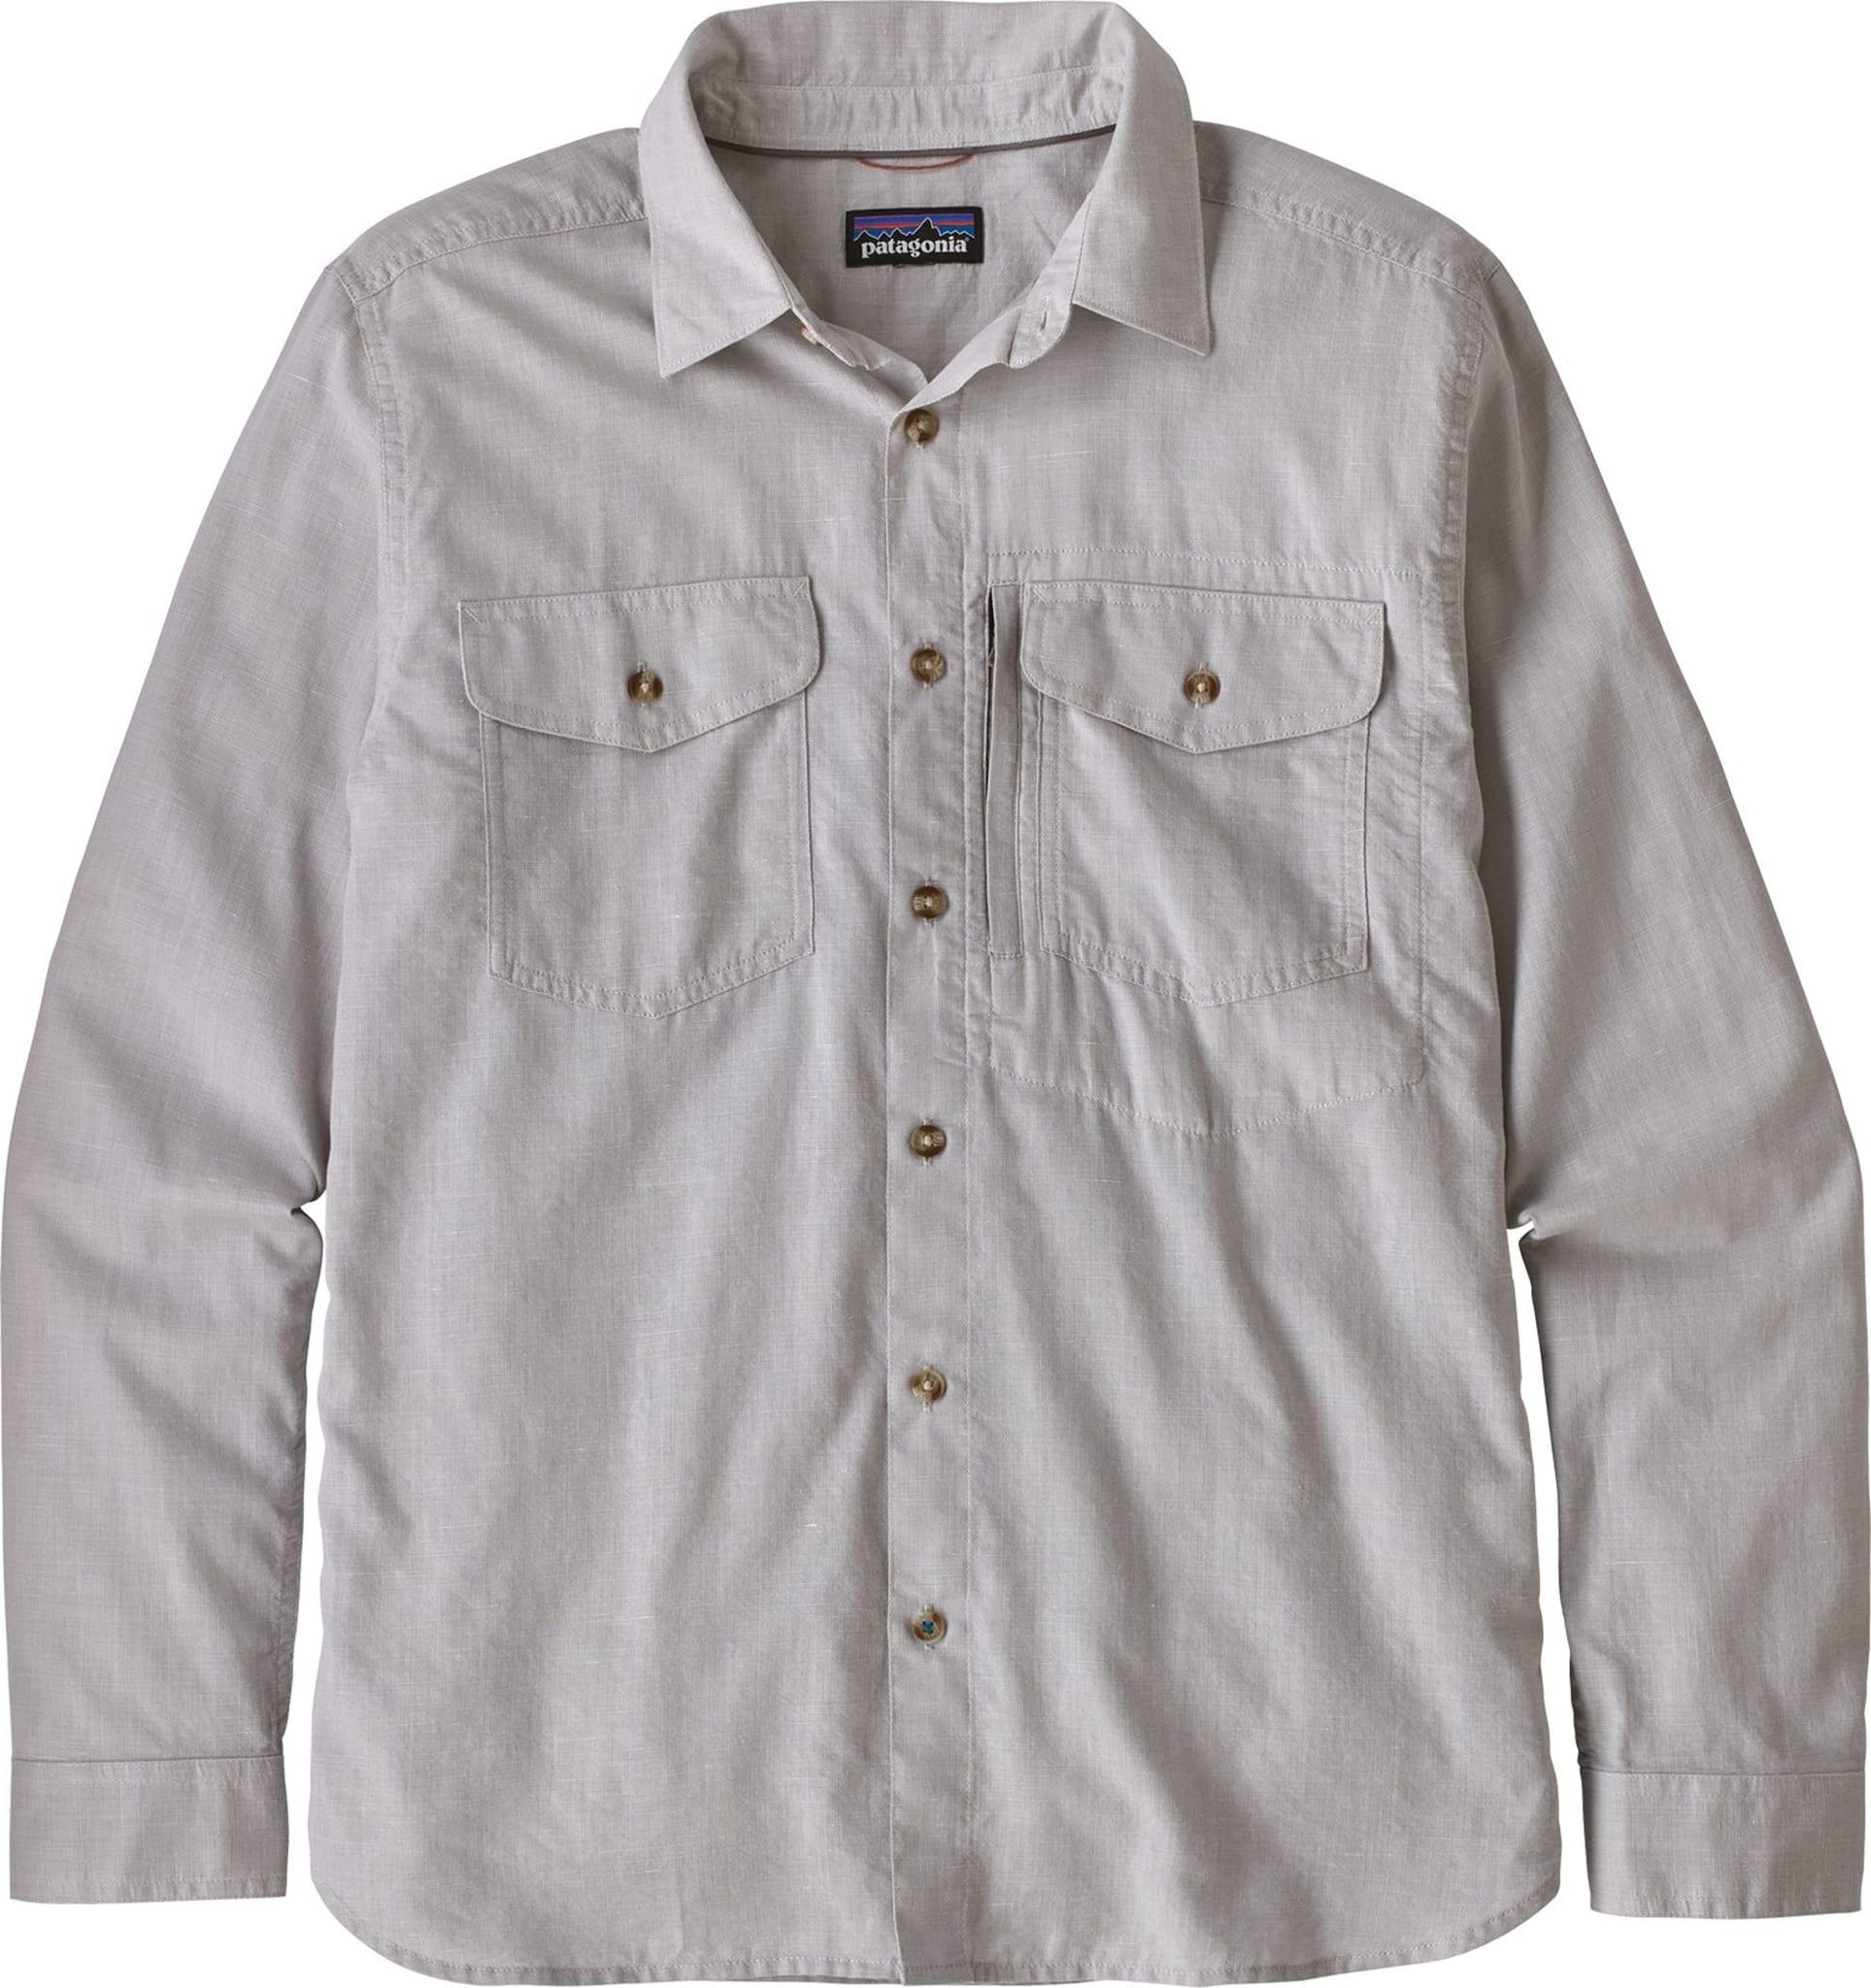 Tynn og behagelig skjorte i hurtigtørkende bomullsblanding